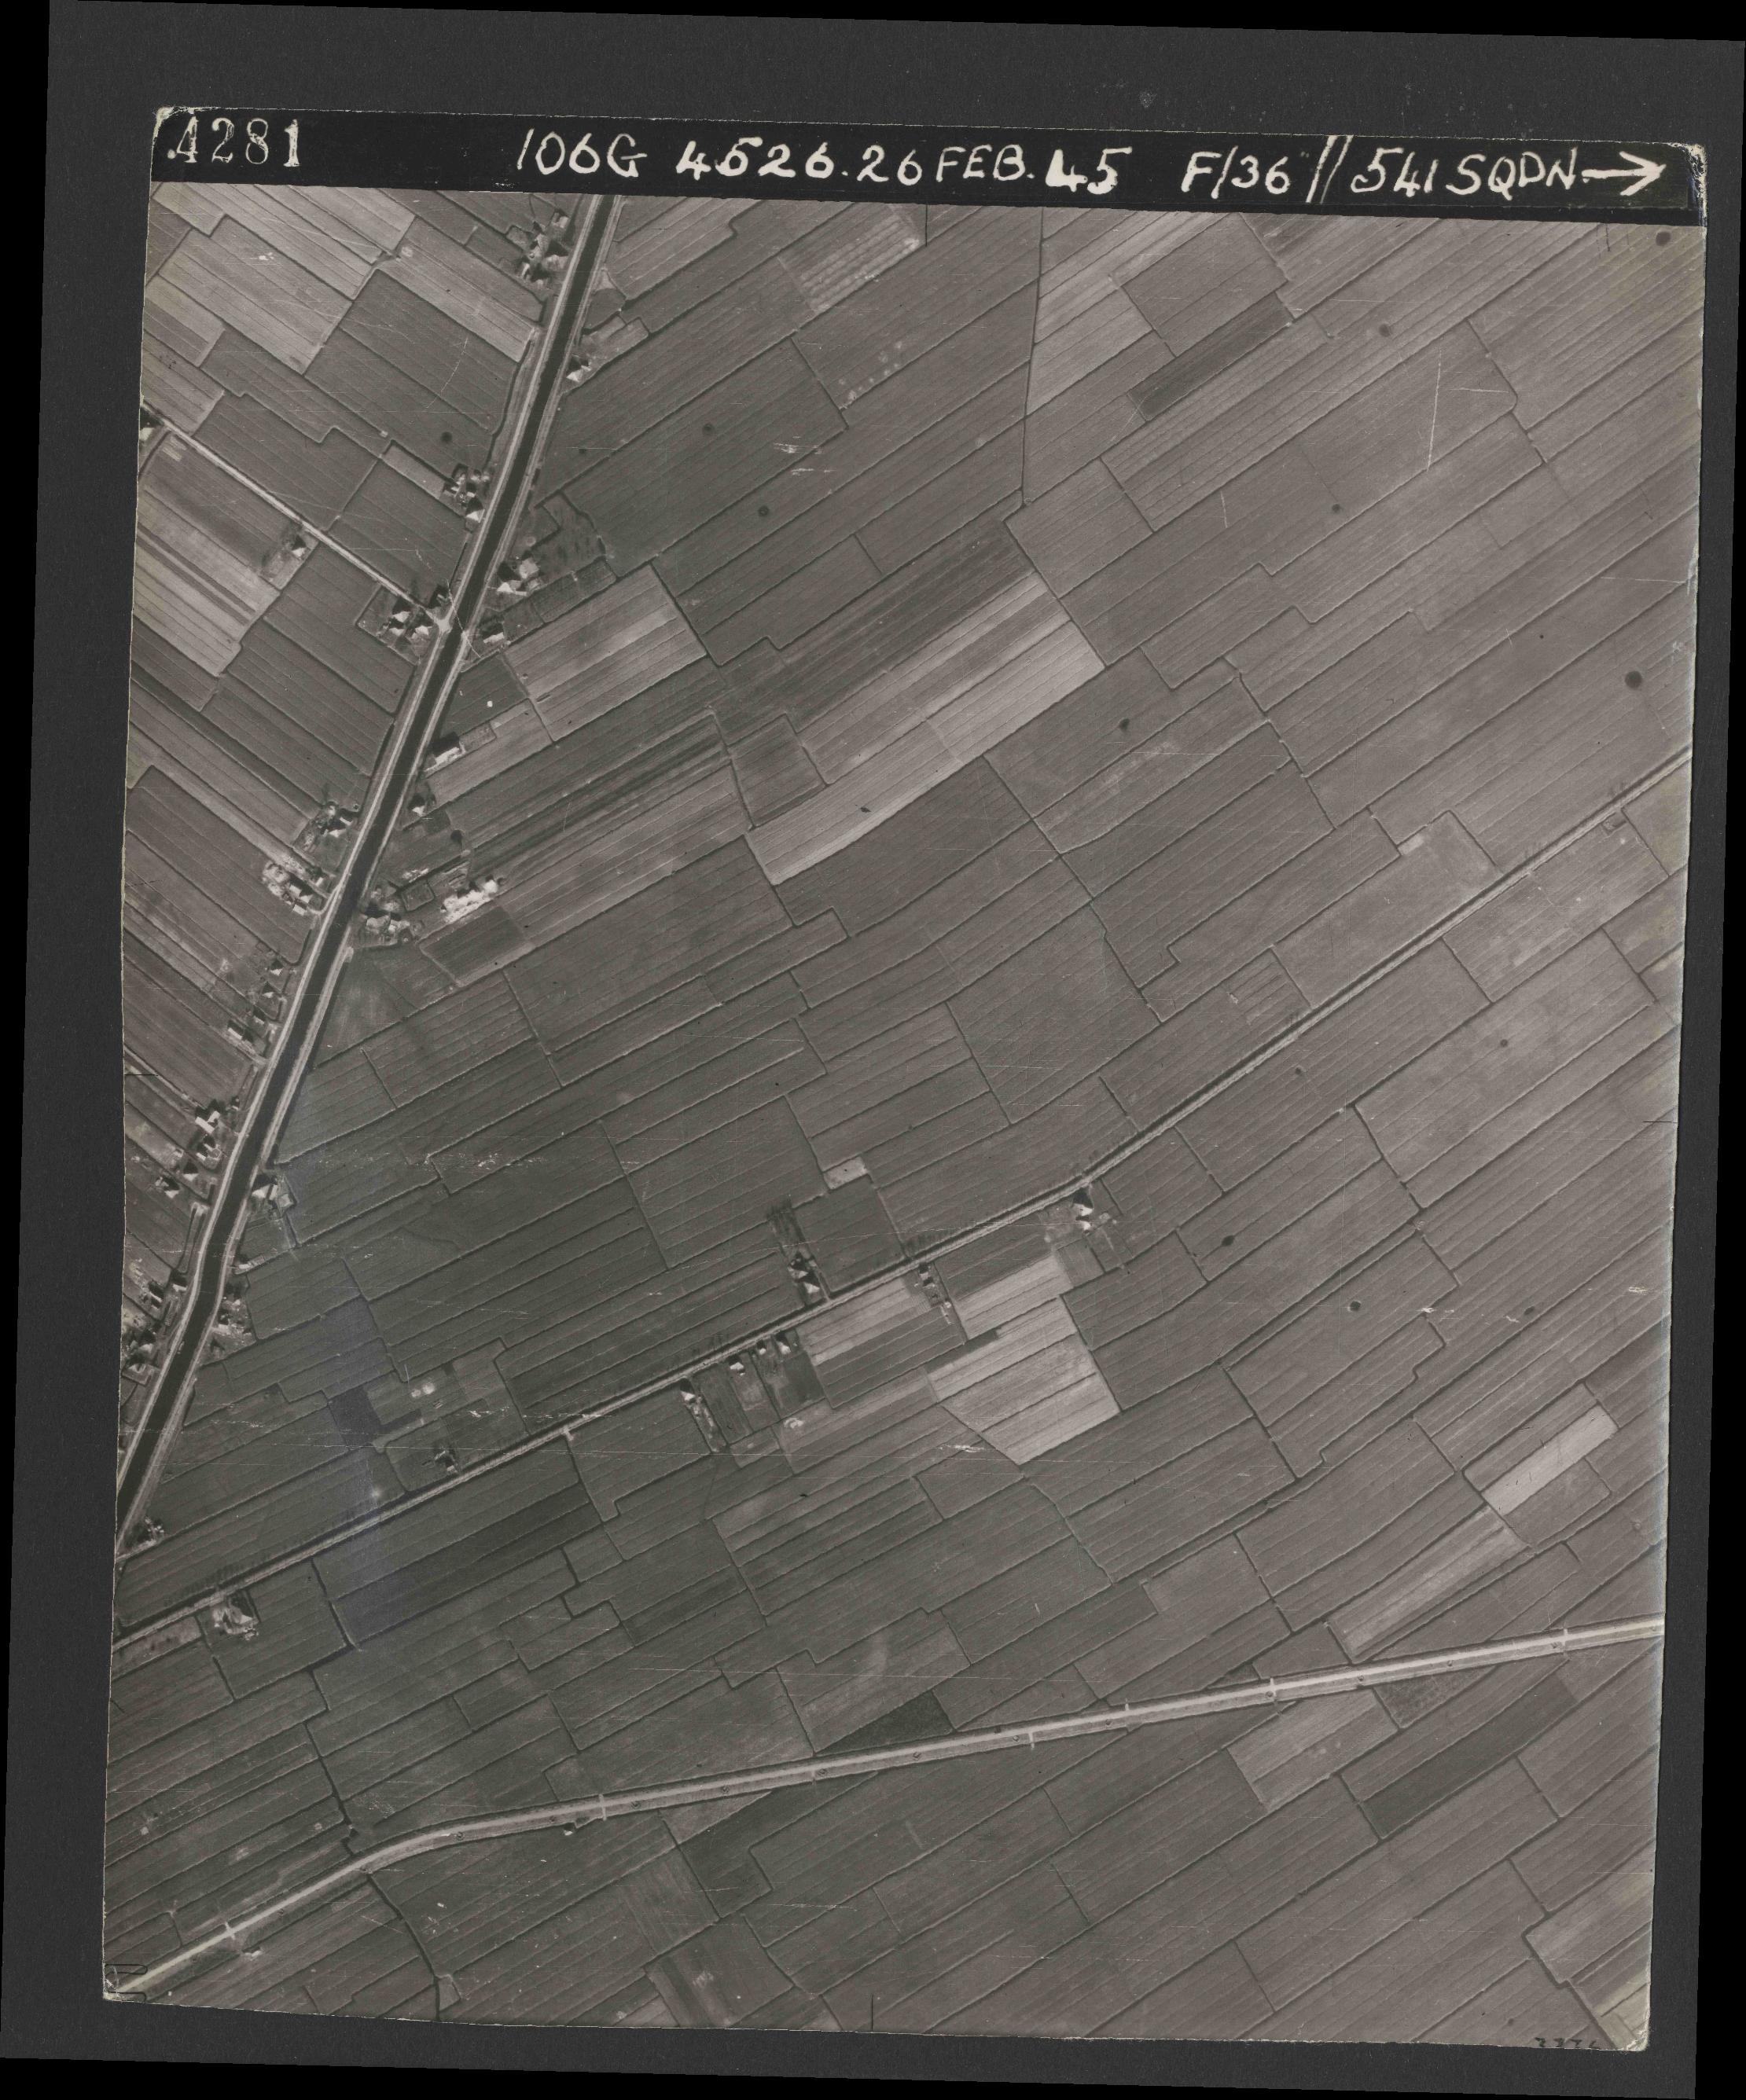 Collection RAF aerial photos 1940-1945 - flight 101, run 02, photo 4281